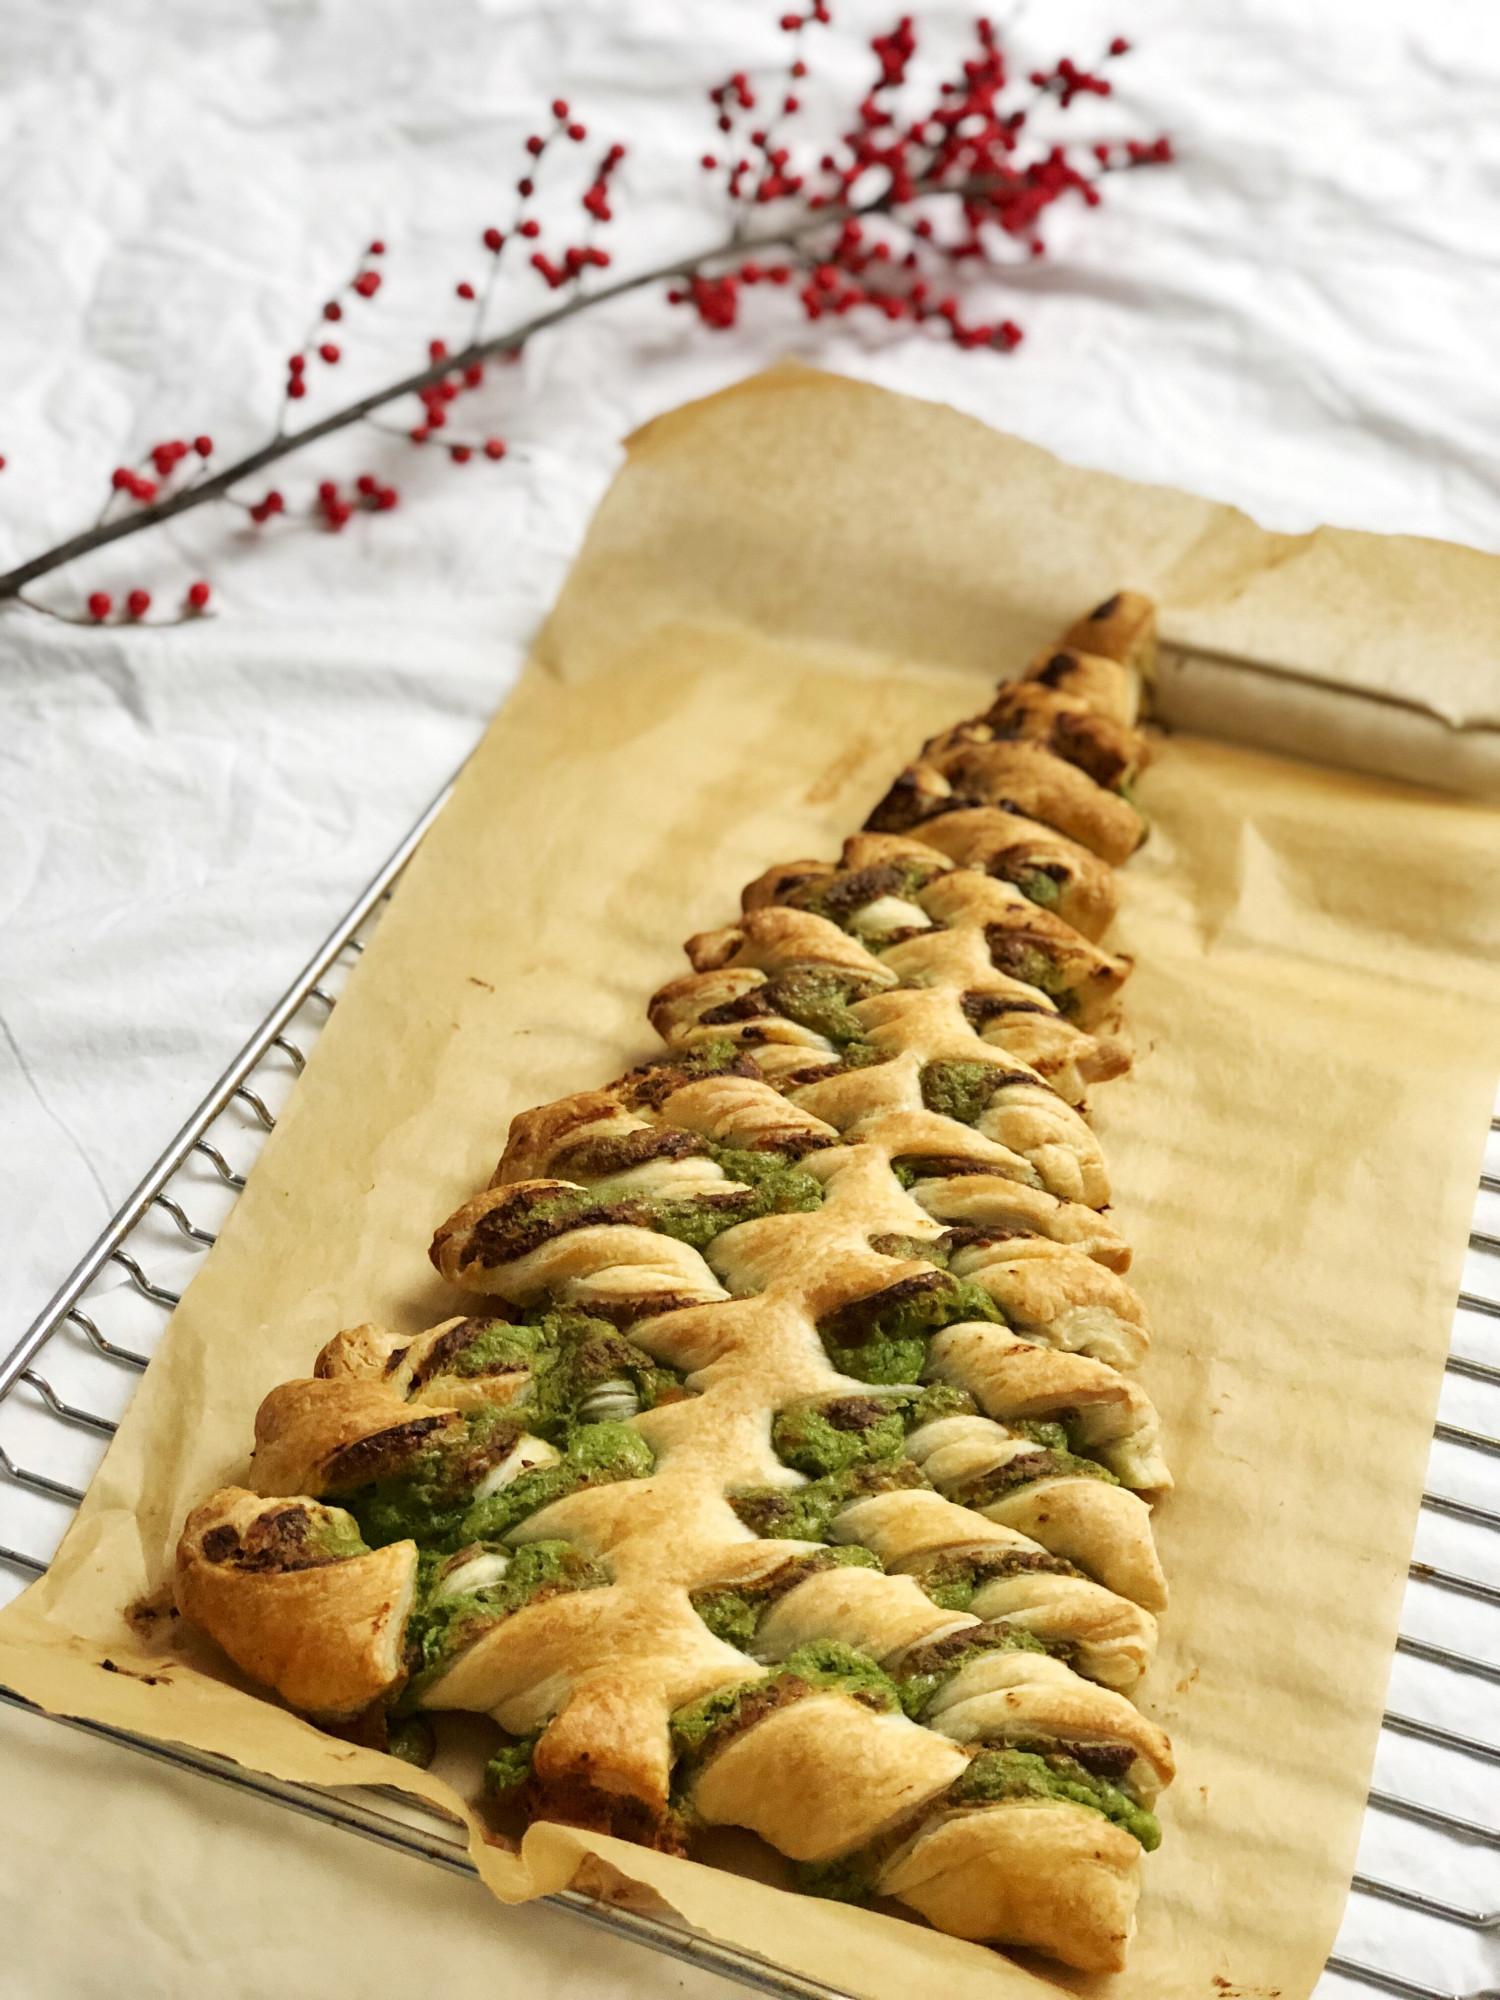 Juletræ af butterdej